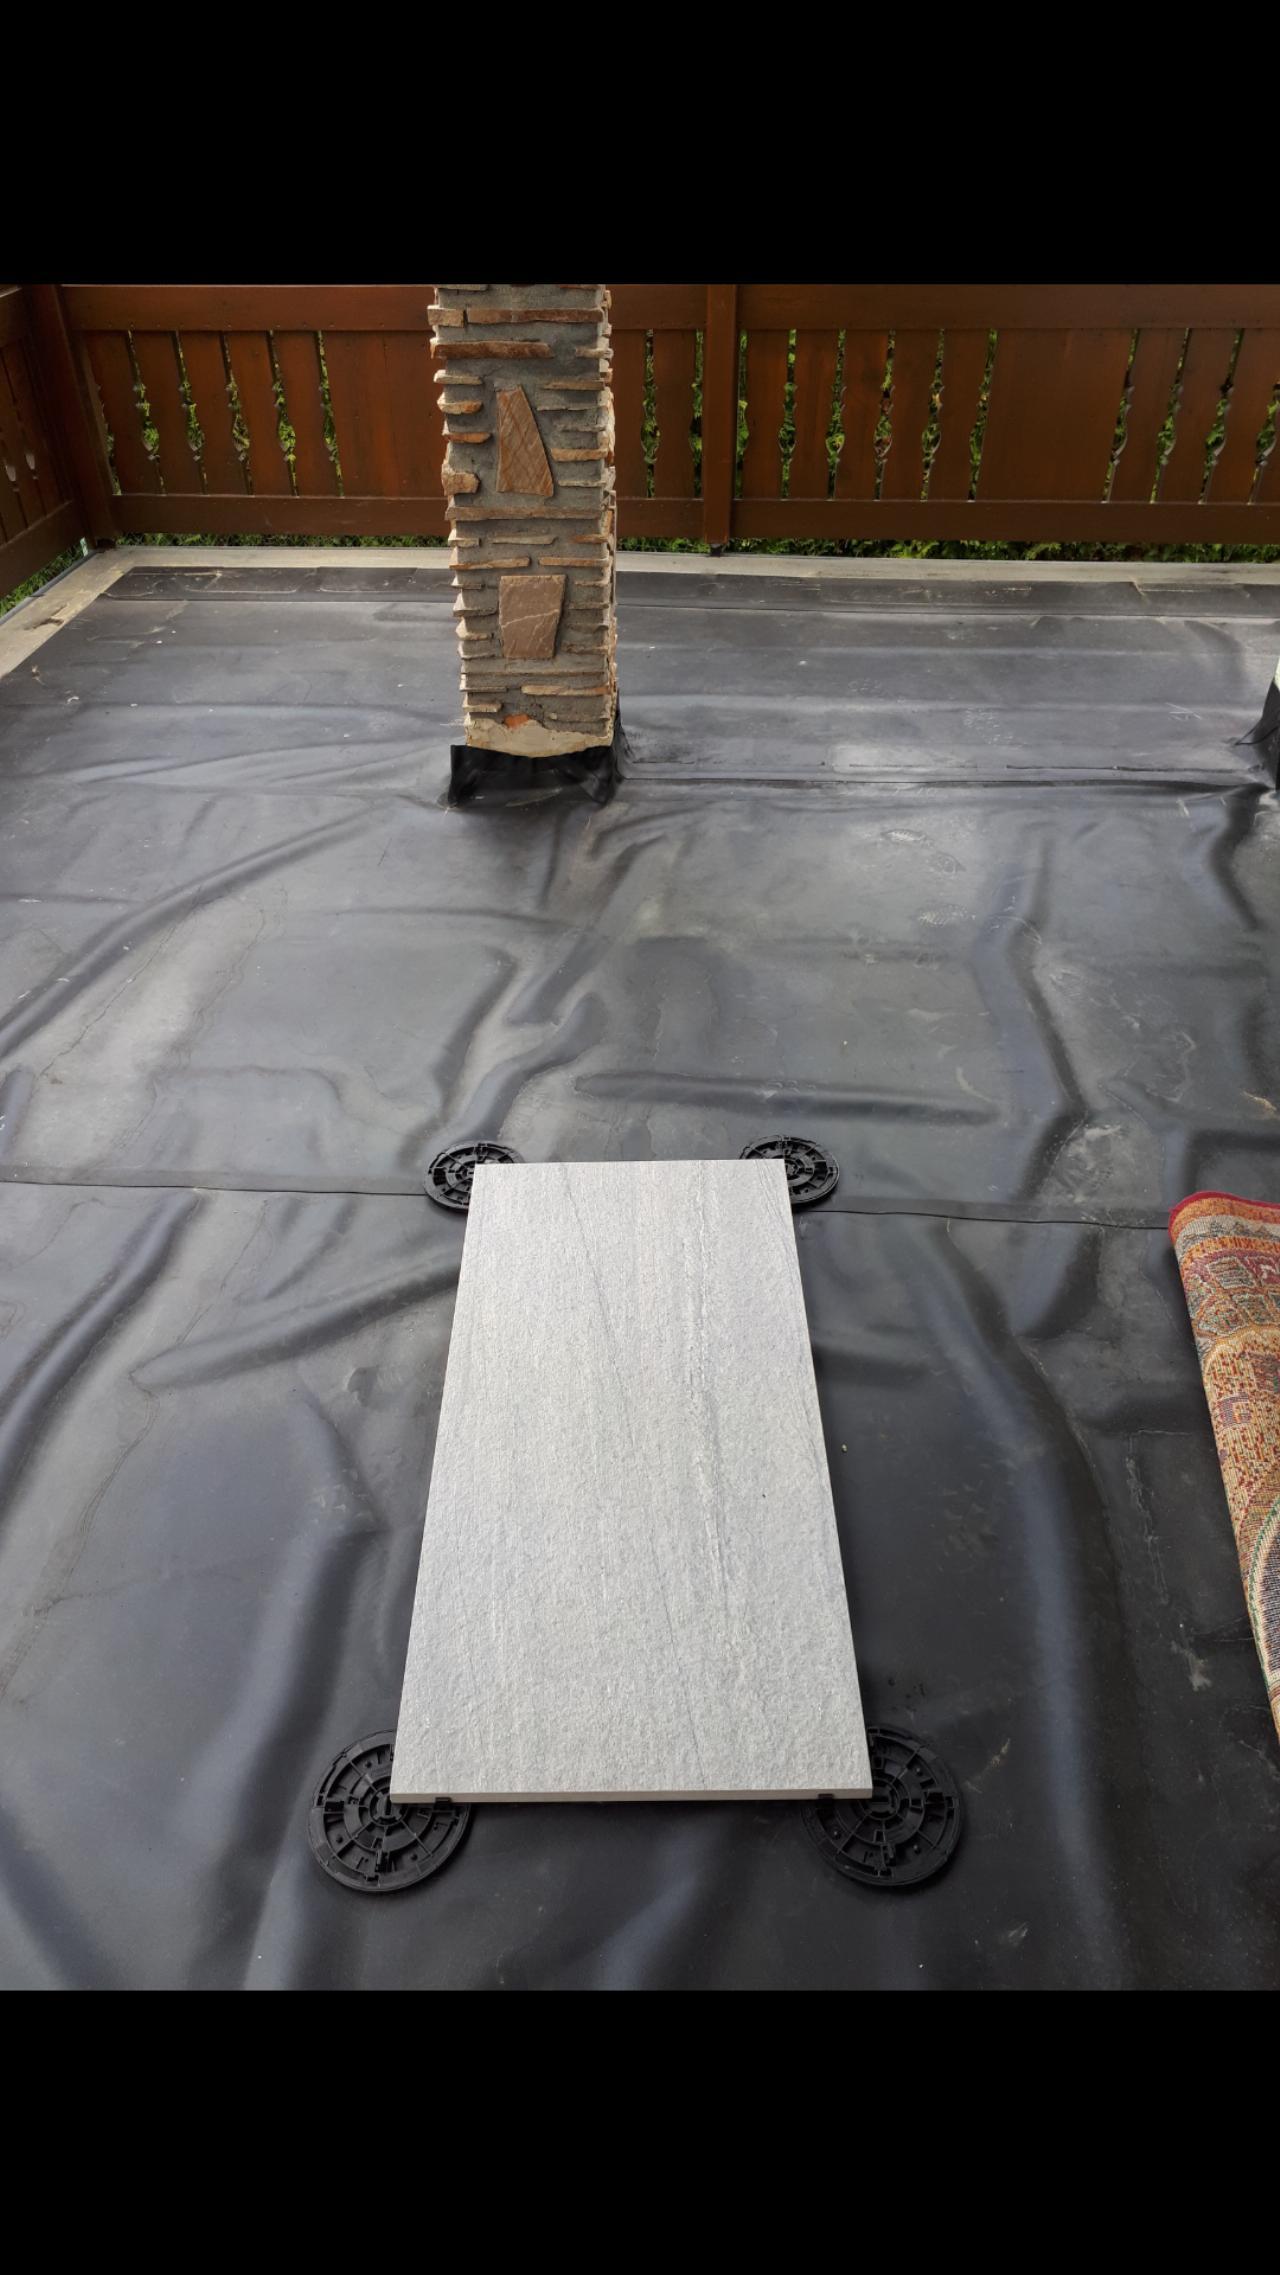 Berühmt Wie schneidet man Feinsteinzeug 2cm? | Bauforum auf energiesparhaus.at #VA_87